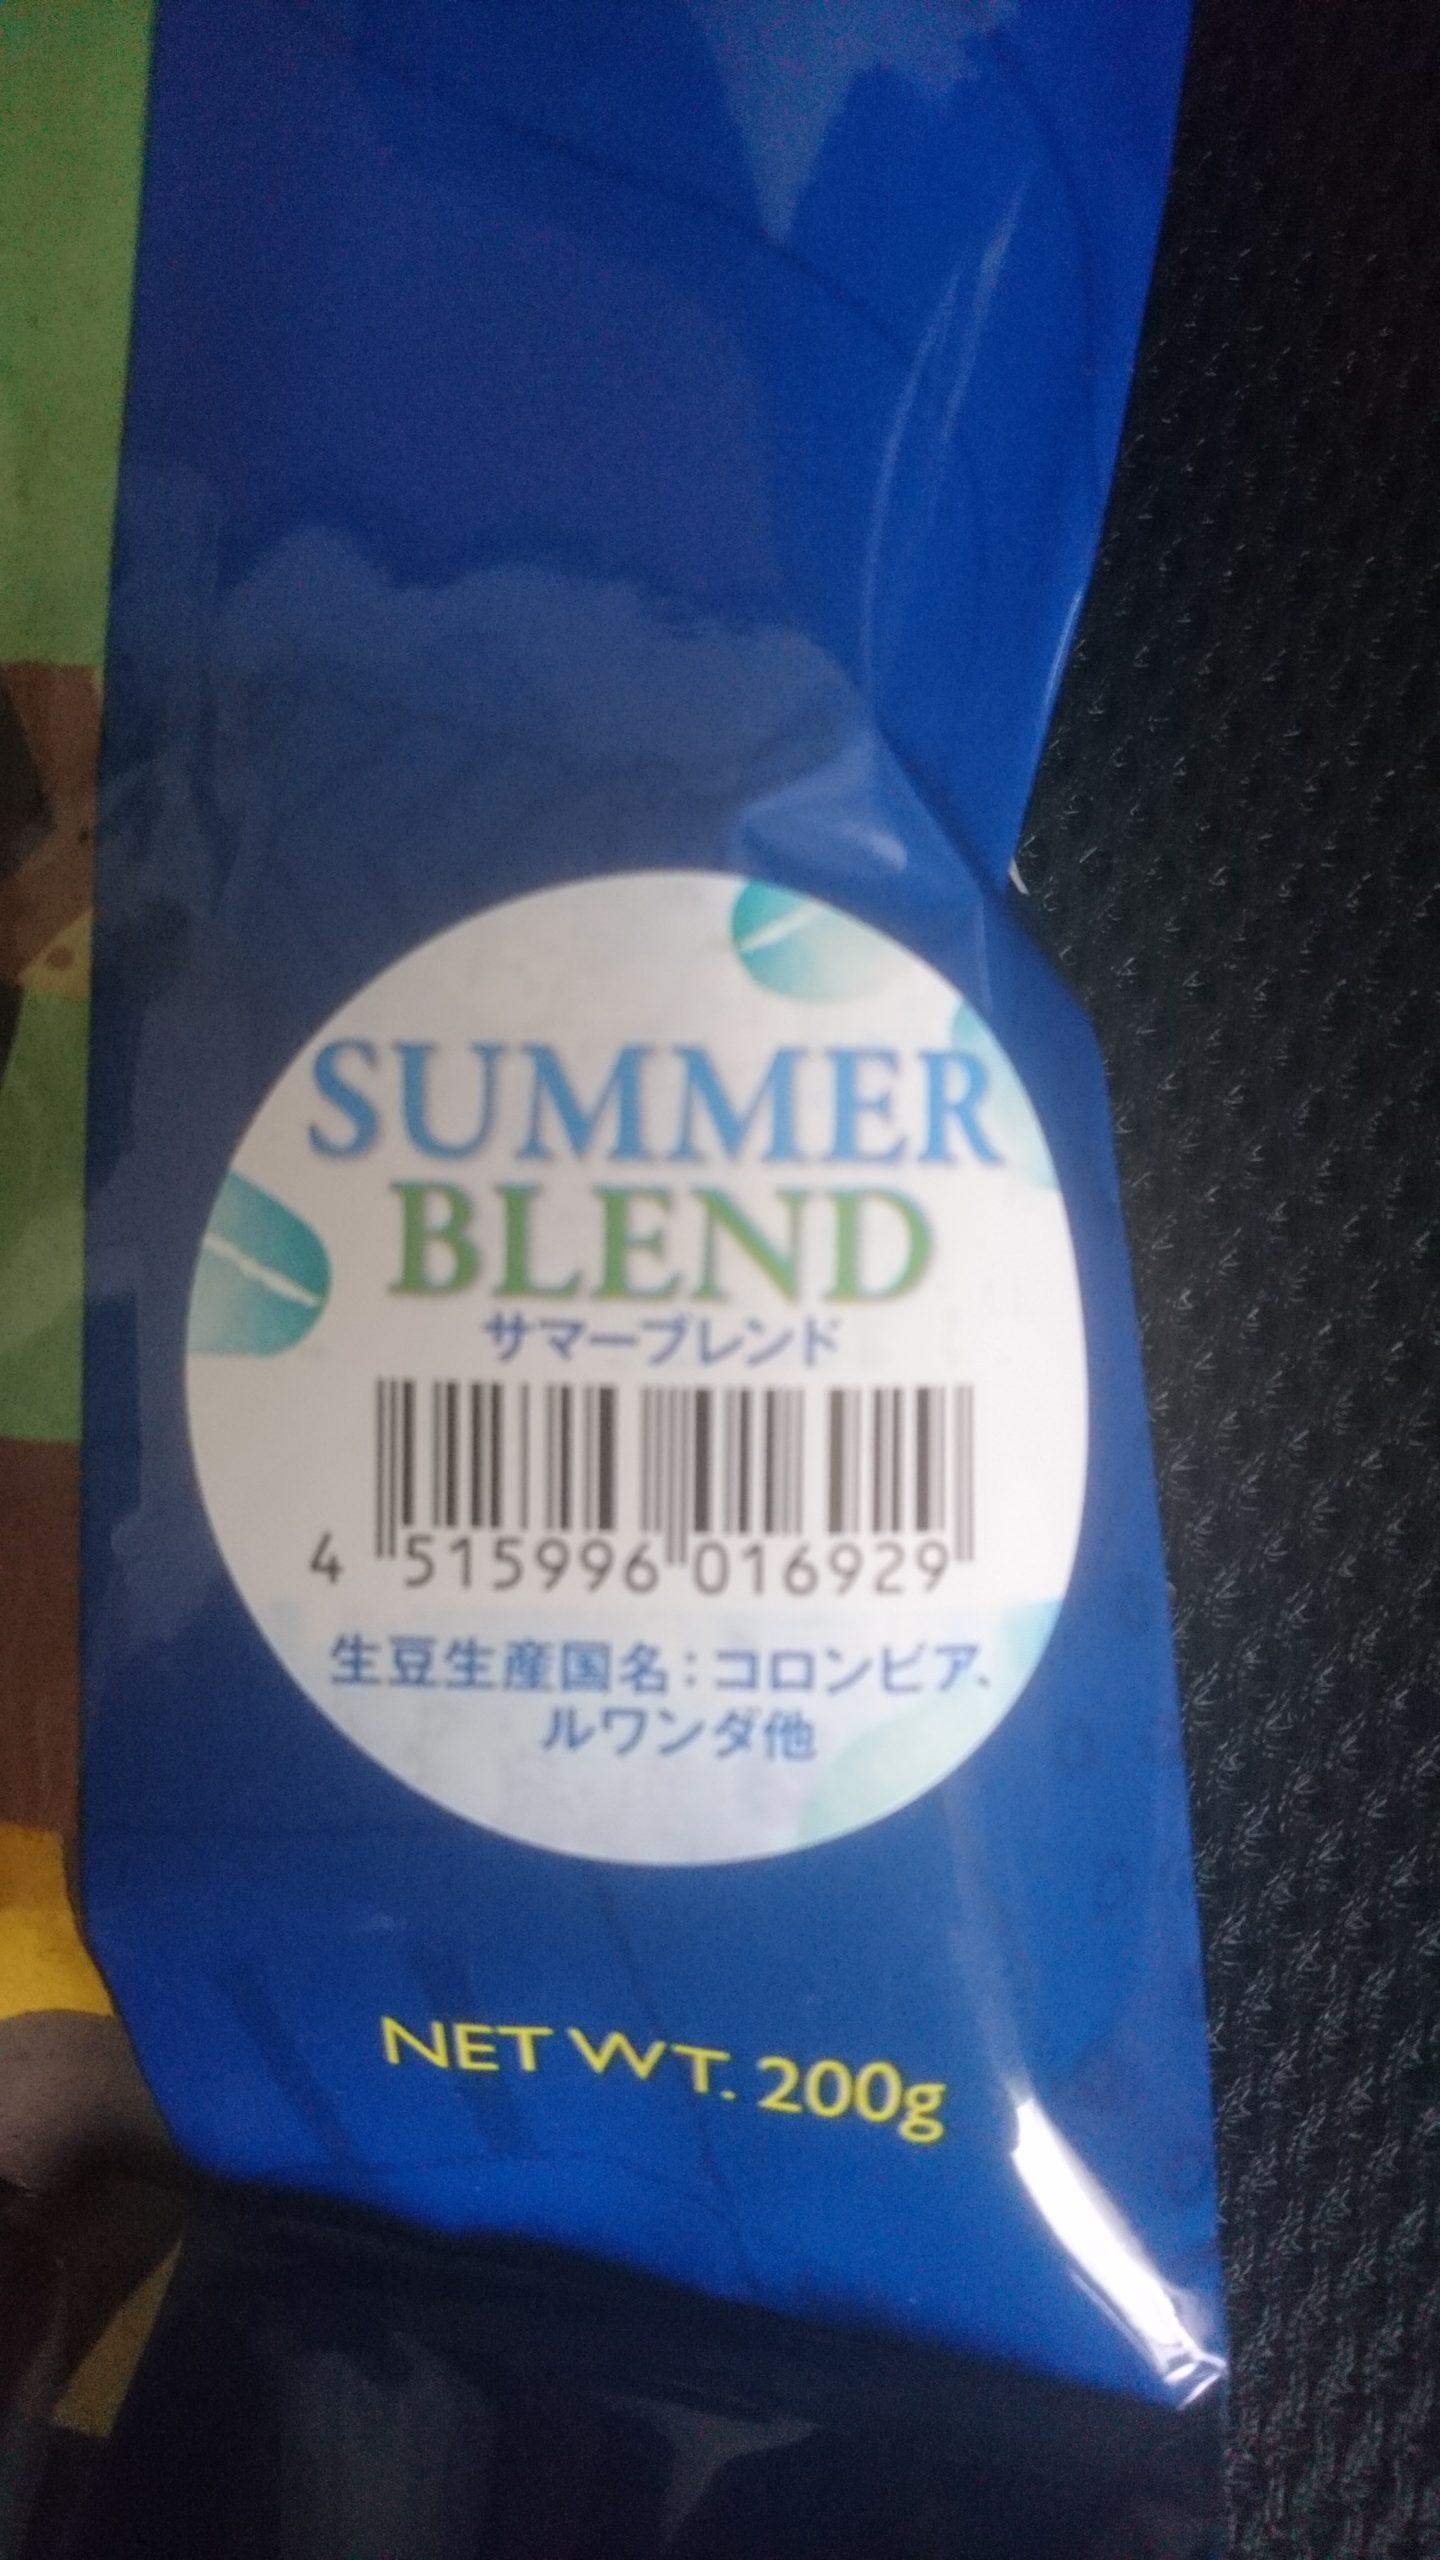 カルディ・サマーブレンド おすすめ季節のブレンド【夏】